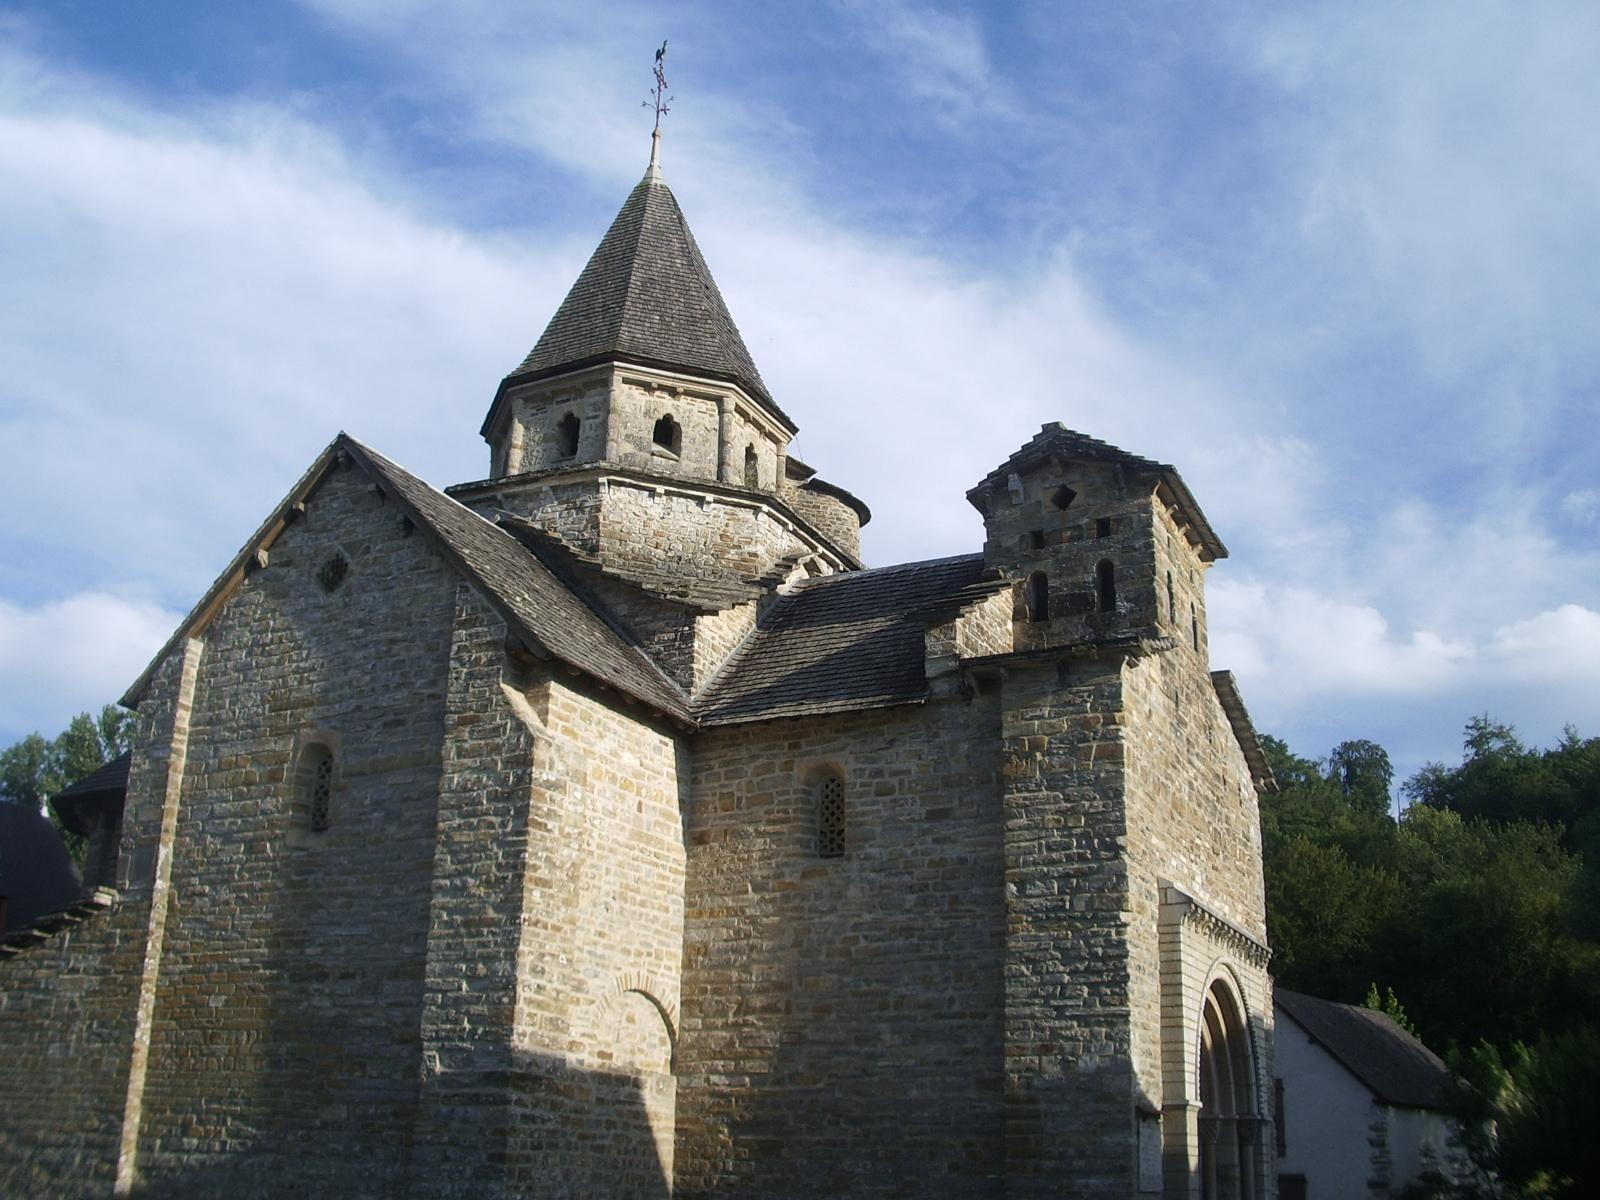 Église romane de l'Hôpital-Saint-Blaise_L'Hôpital-Saint-Blai